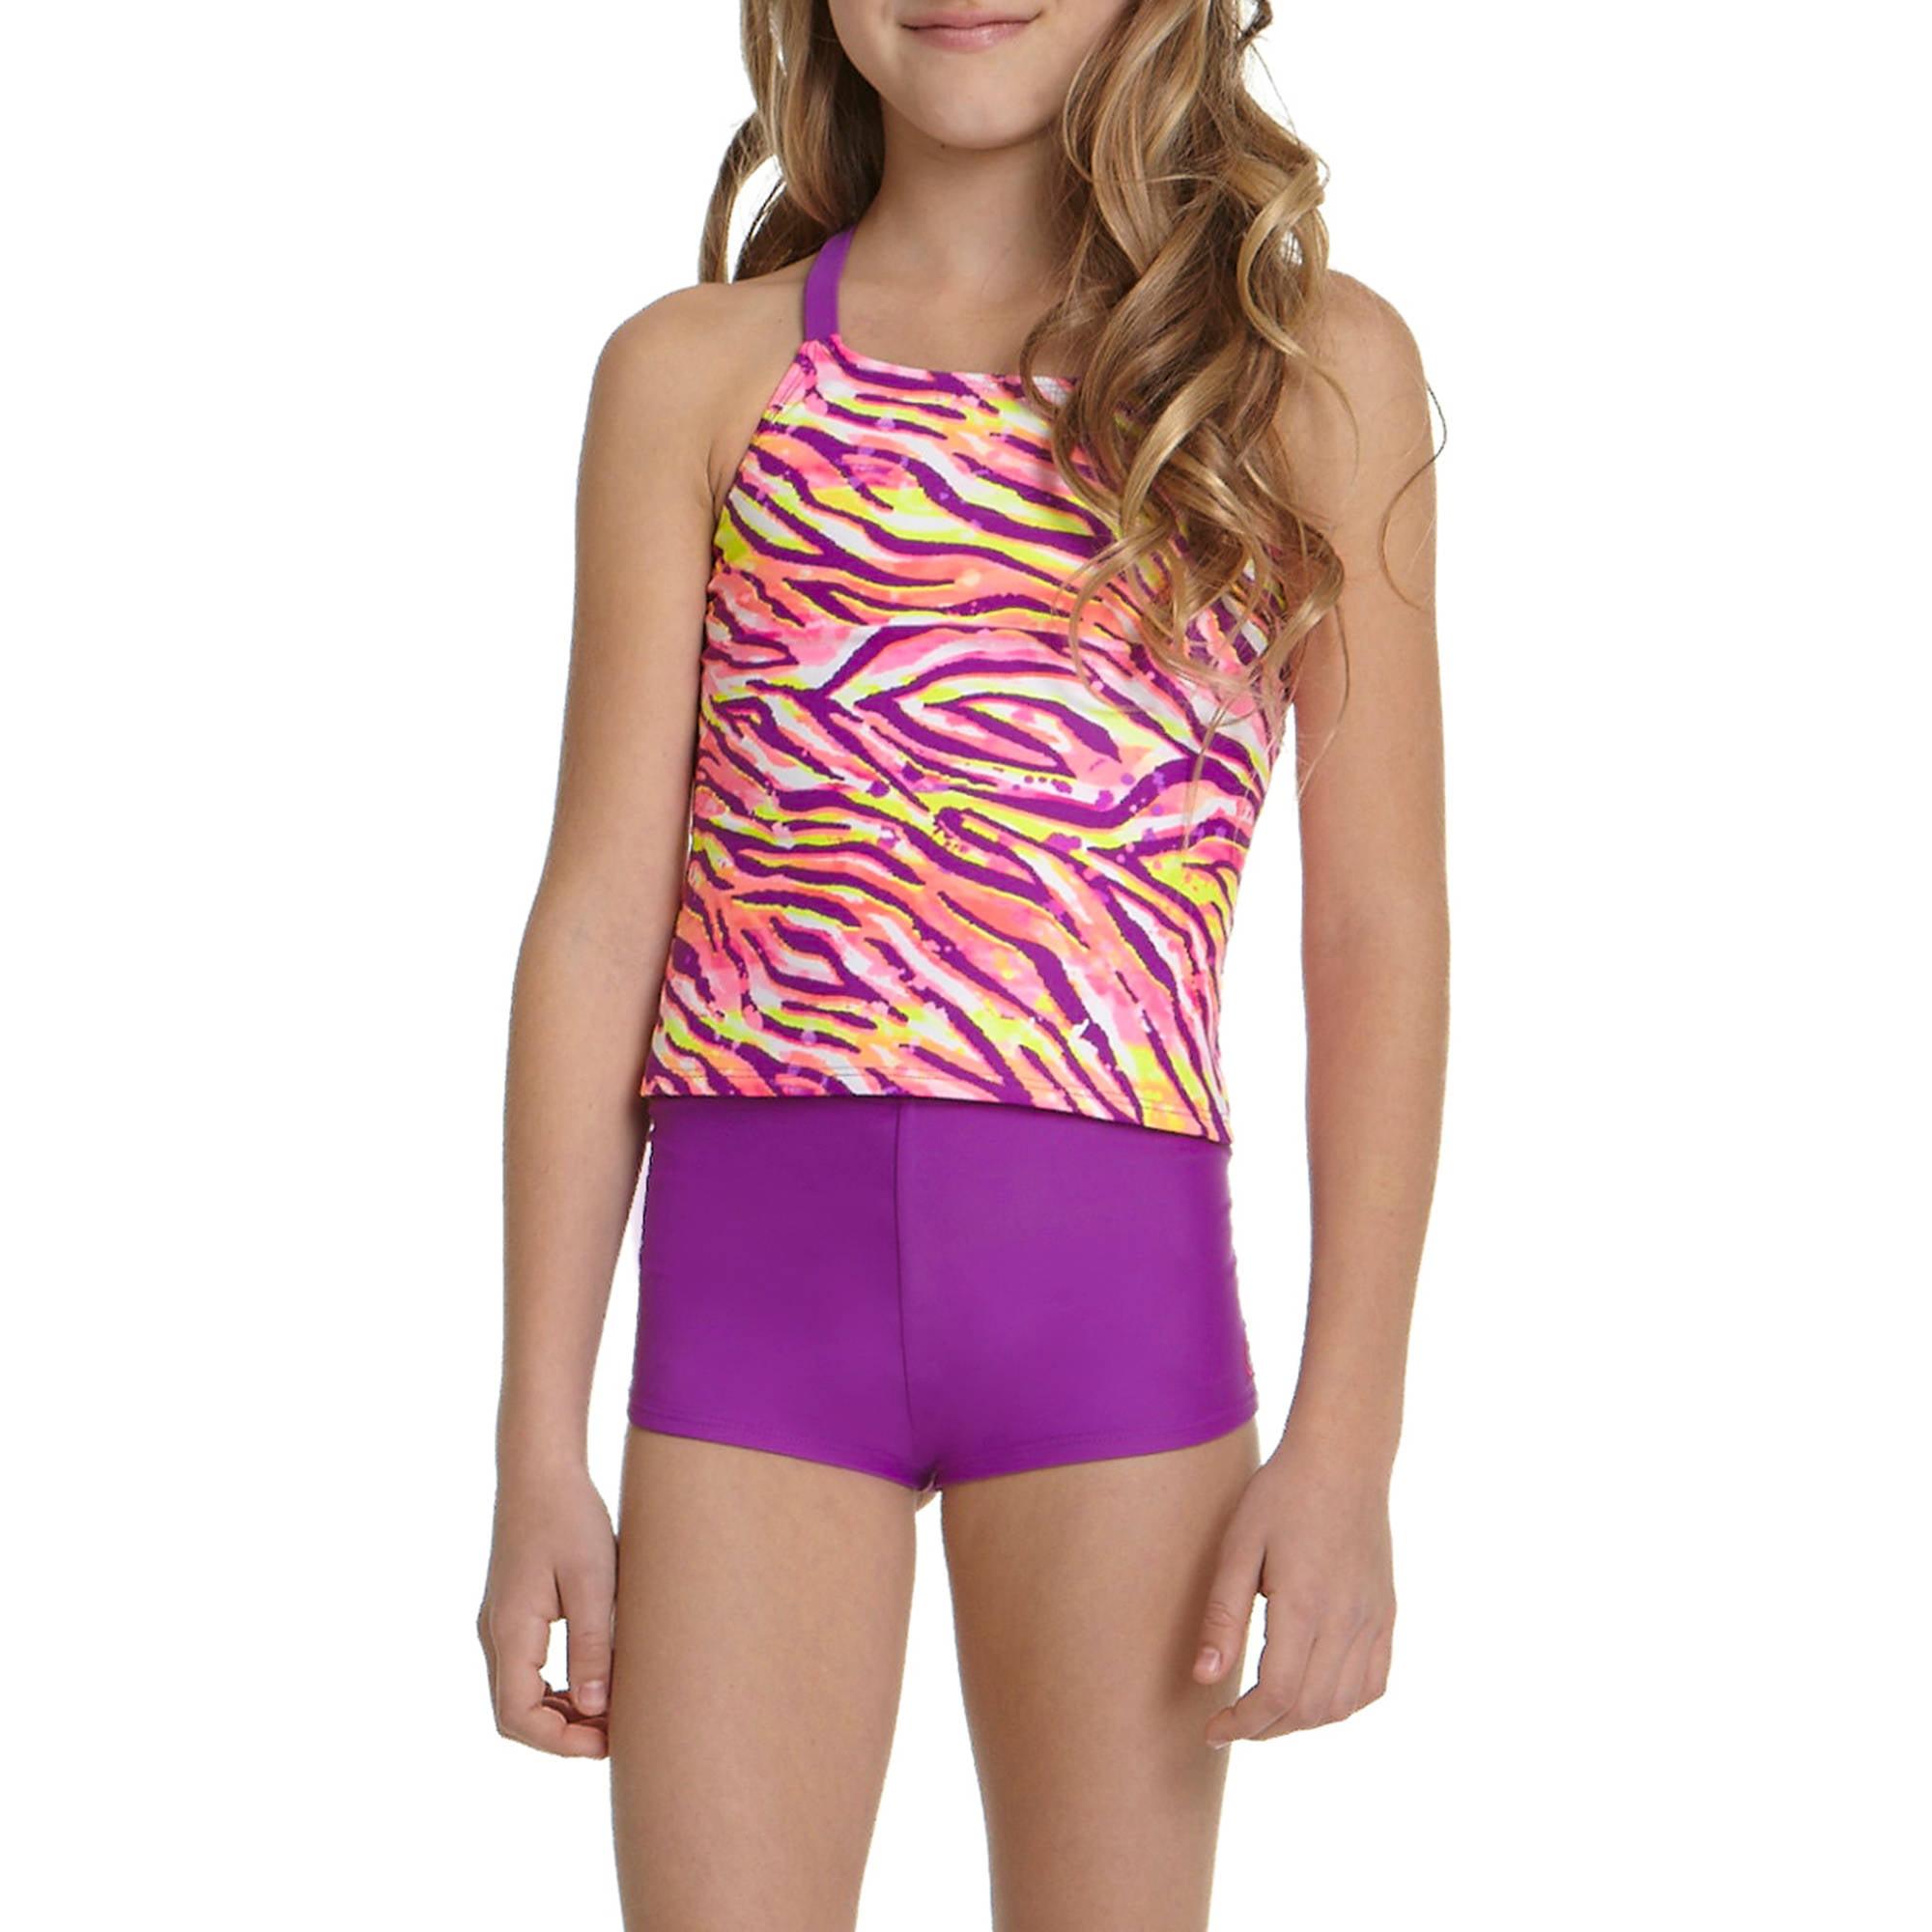 OP Girls' Zebra Splat Tankini Swimsuit